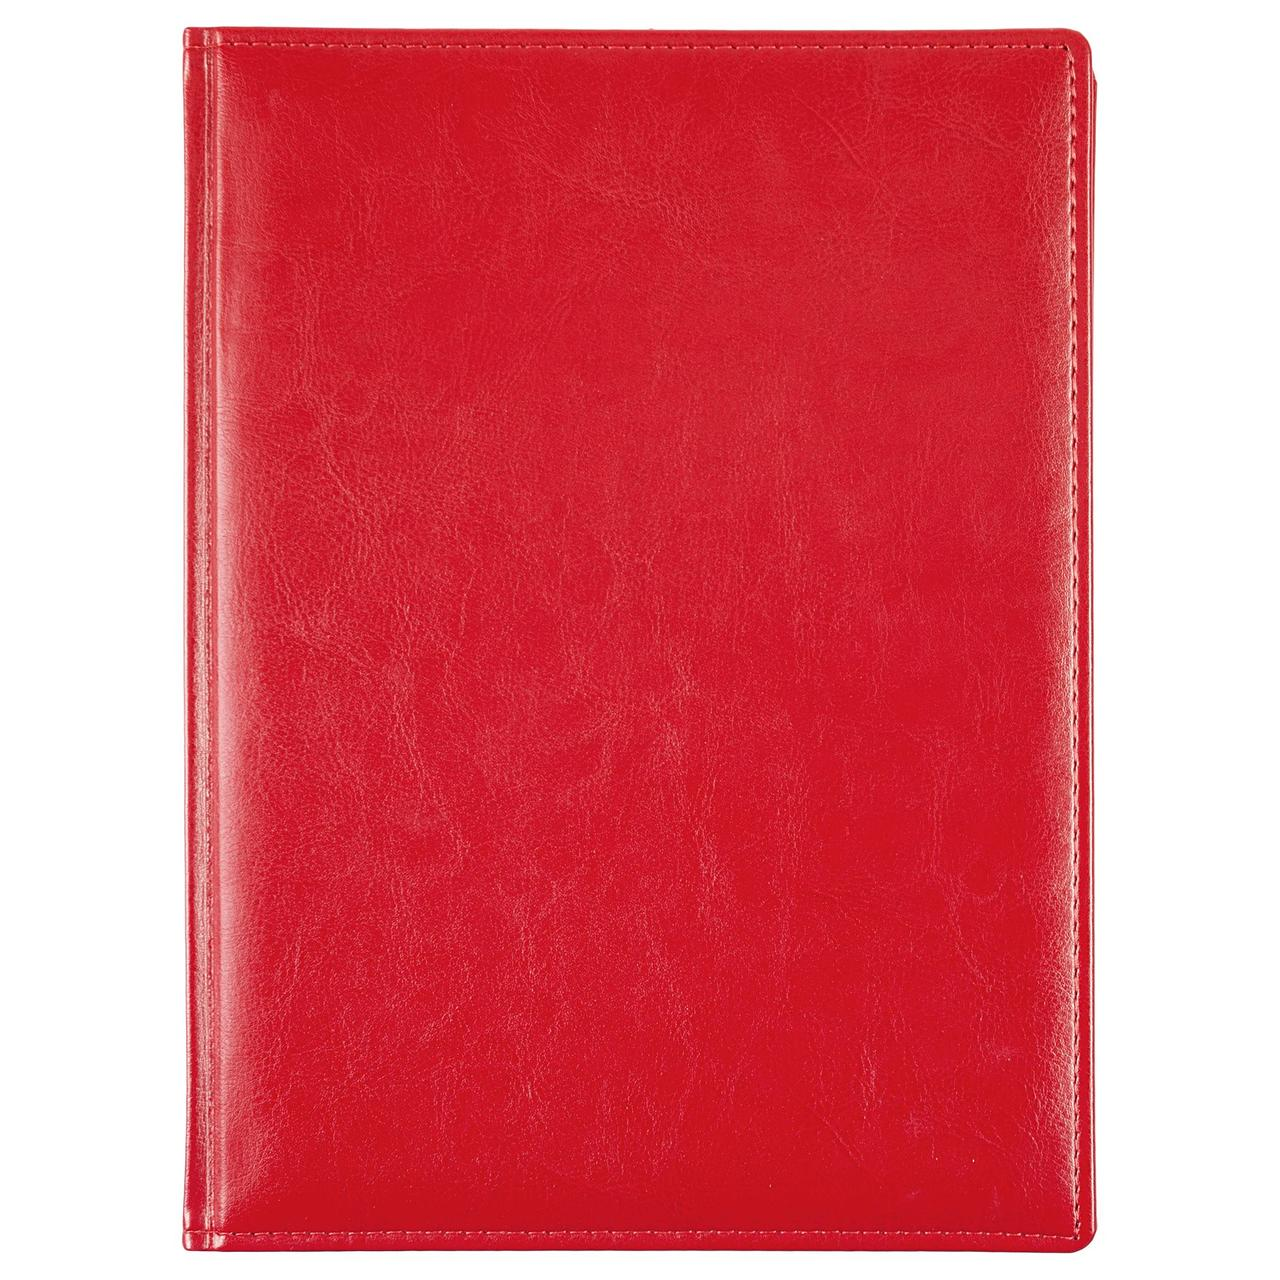 Еженедельник Nebraska, датированный, красный (артикул 4845.50)